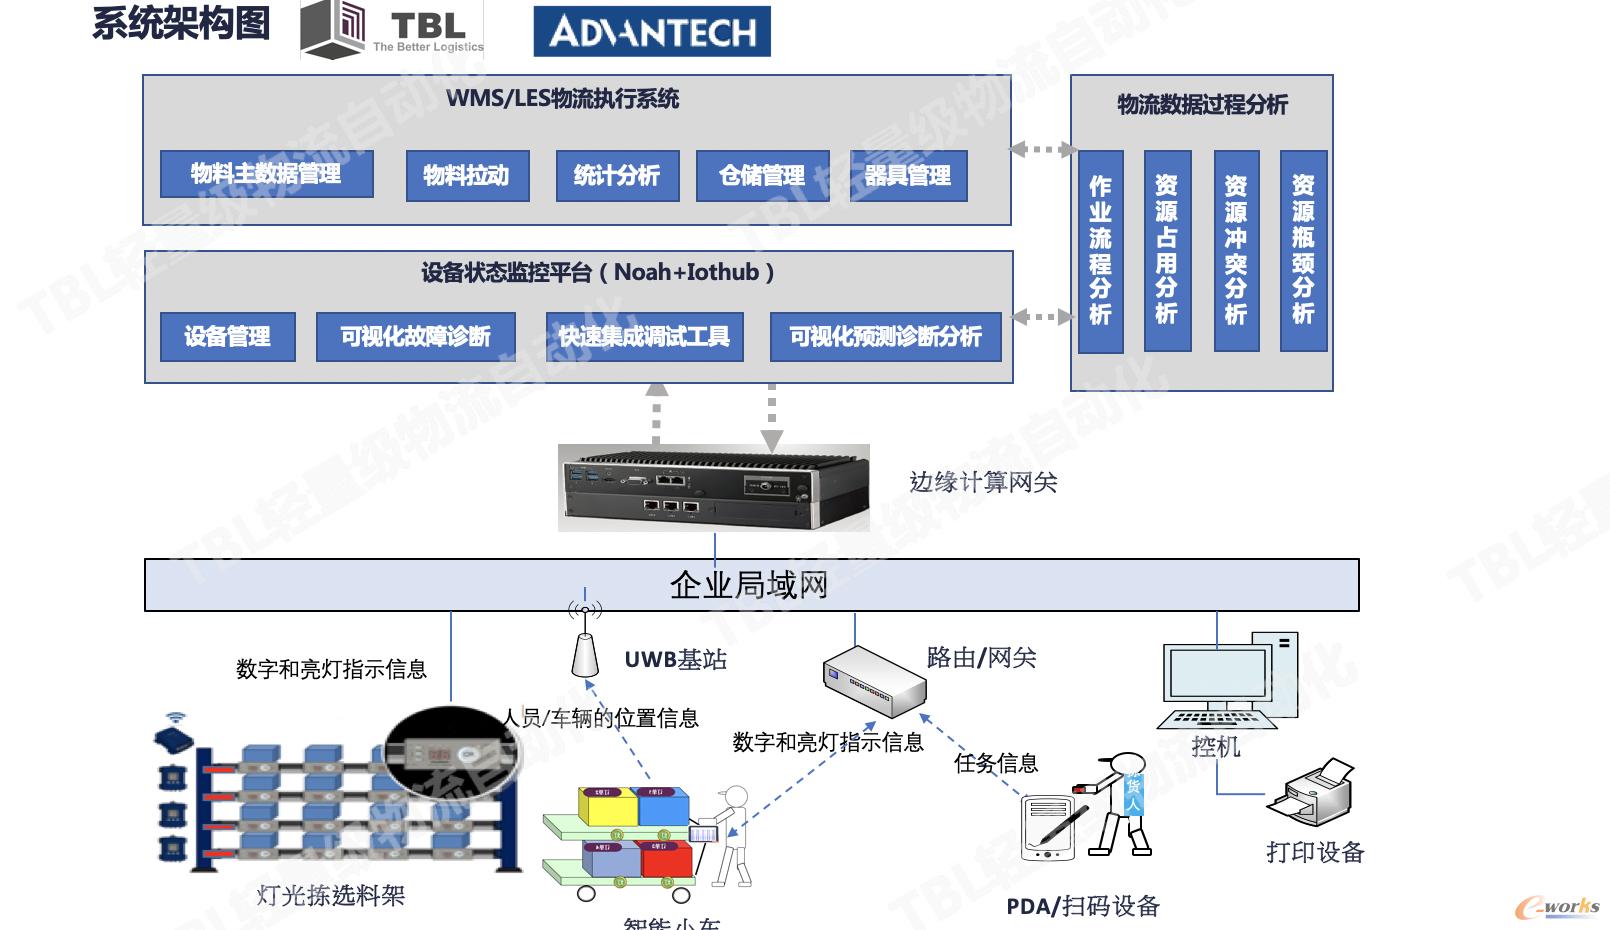 轻量级物流自动化系统架构图